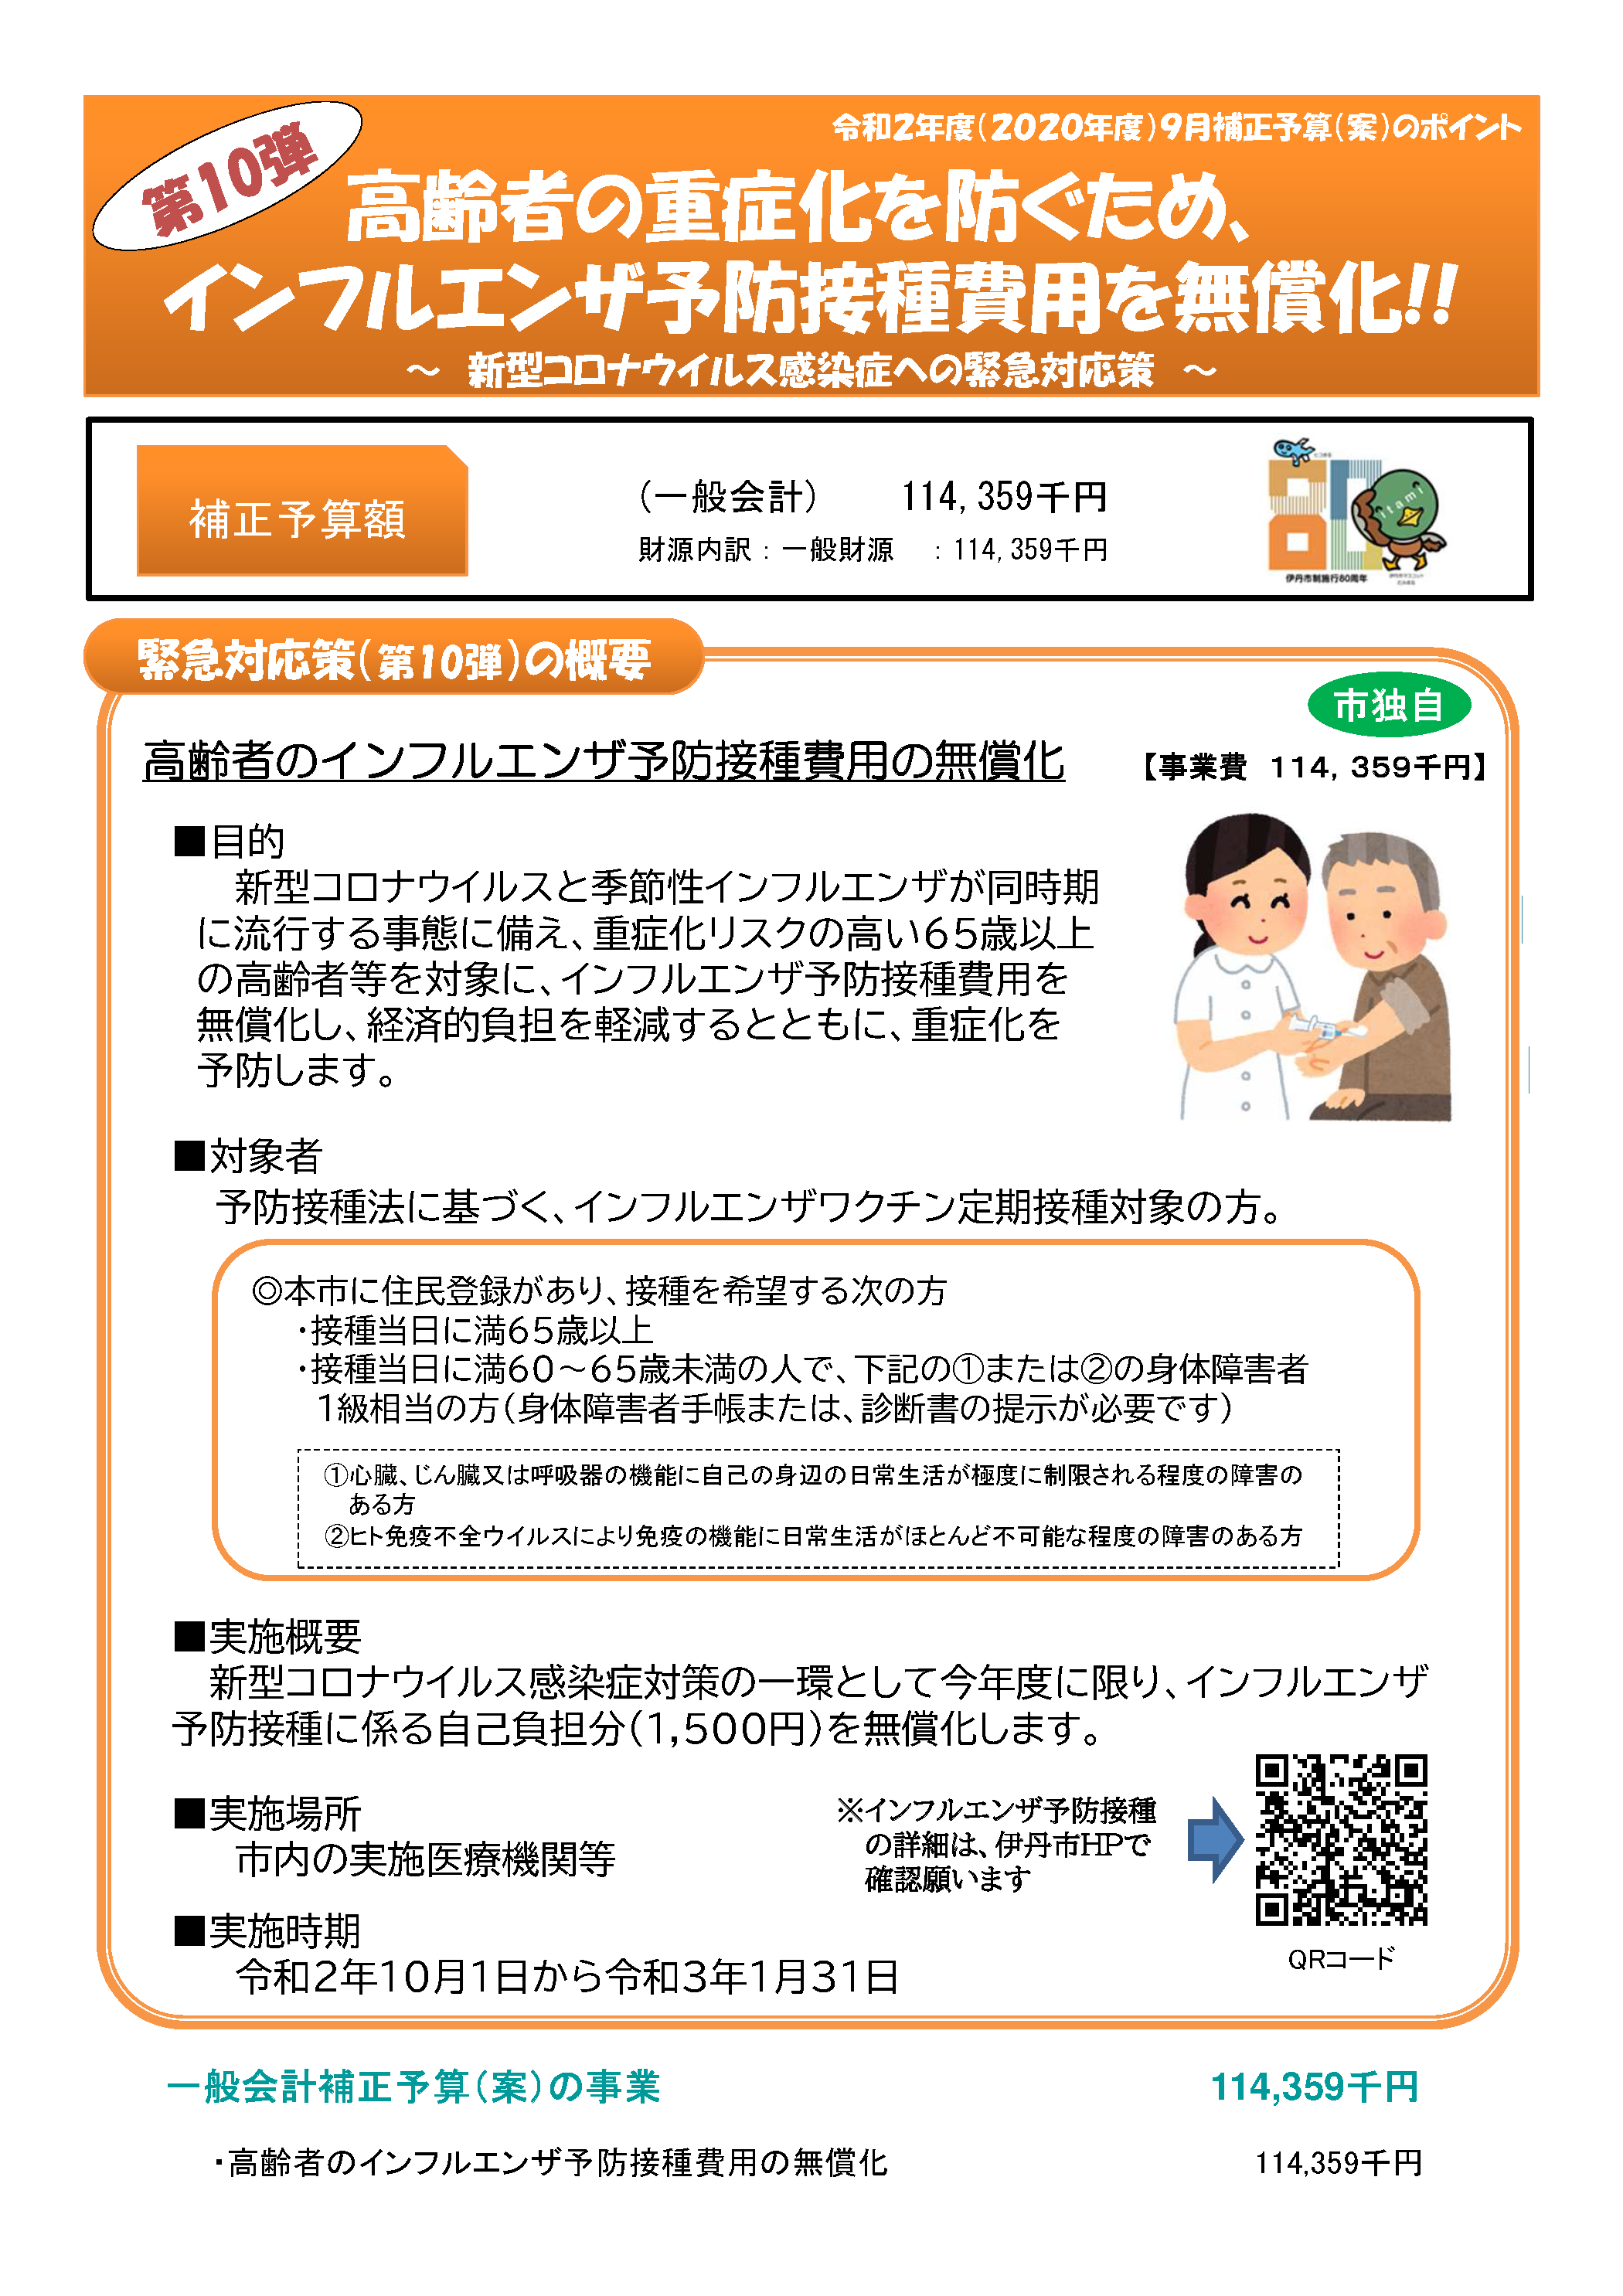 高齢者インフル予防接種無償化